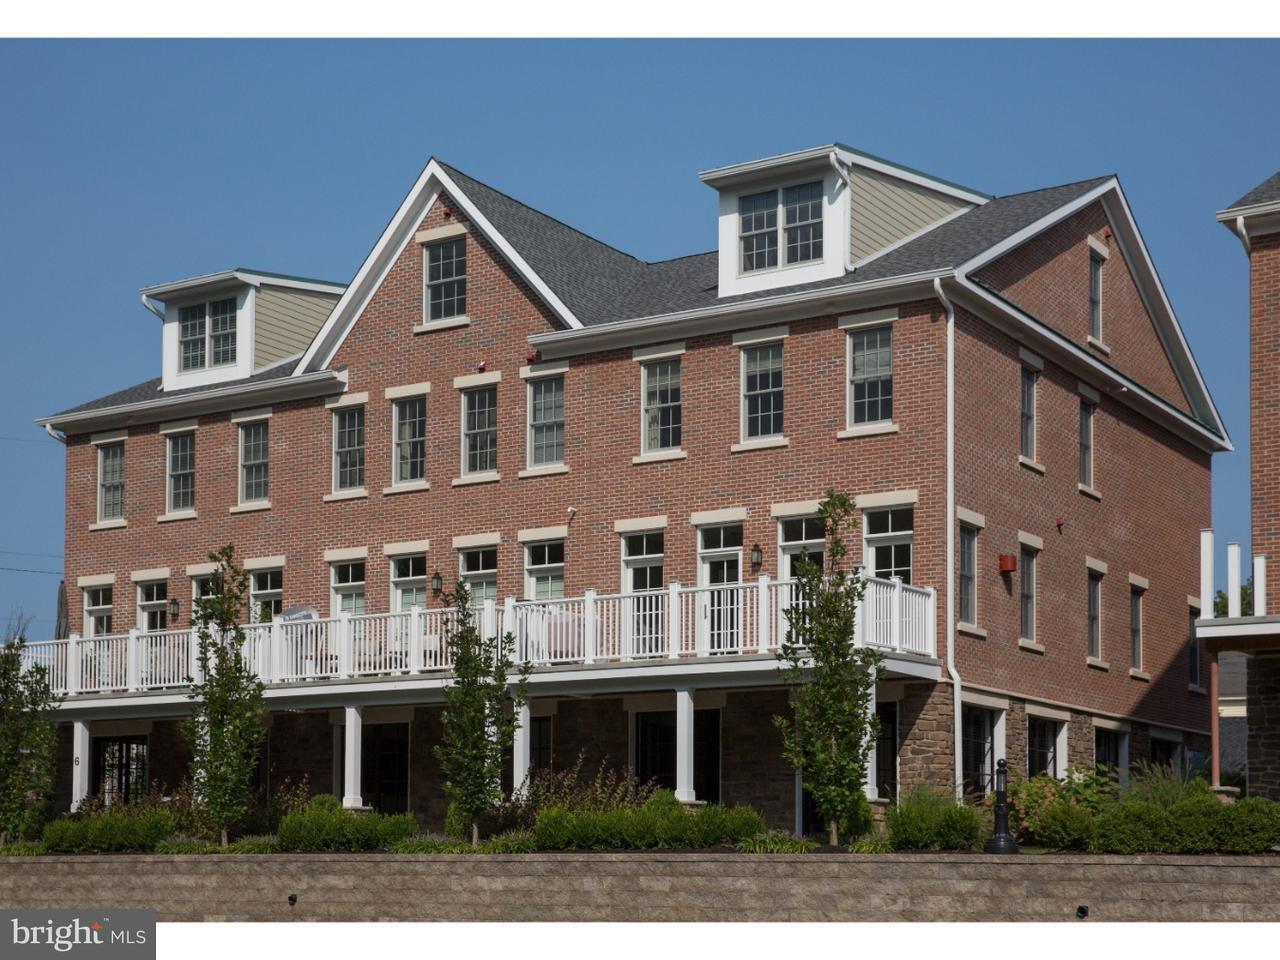 共管式独立产权公寓 为 销售 在 19 RIVER MILLS Drive 弗伦奇敦, 新泽西州 08825 美国在/周边: Frenchtown Borough